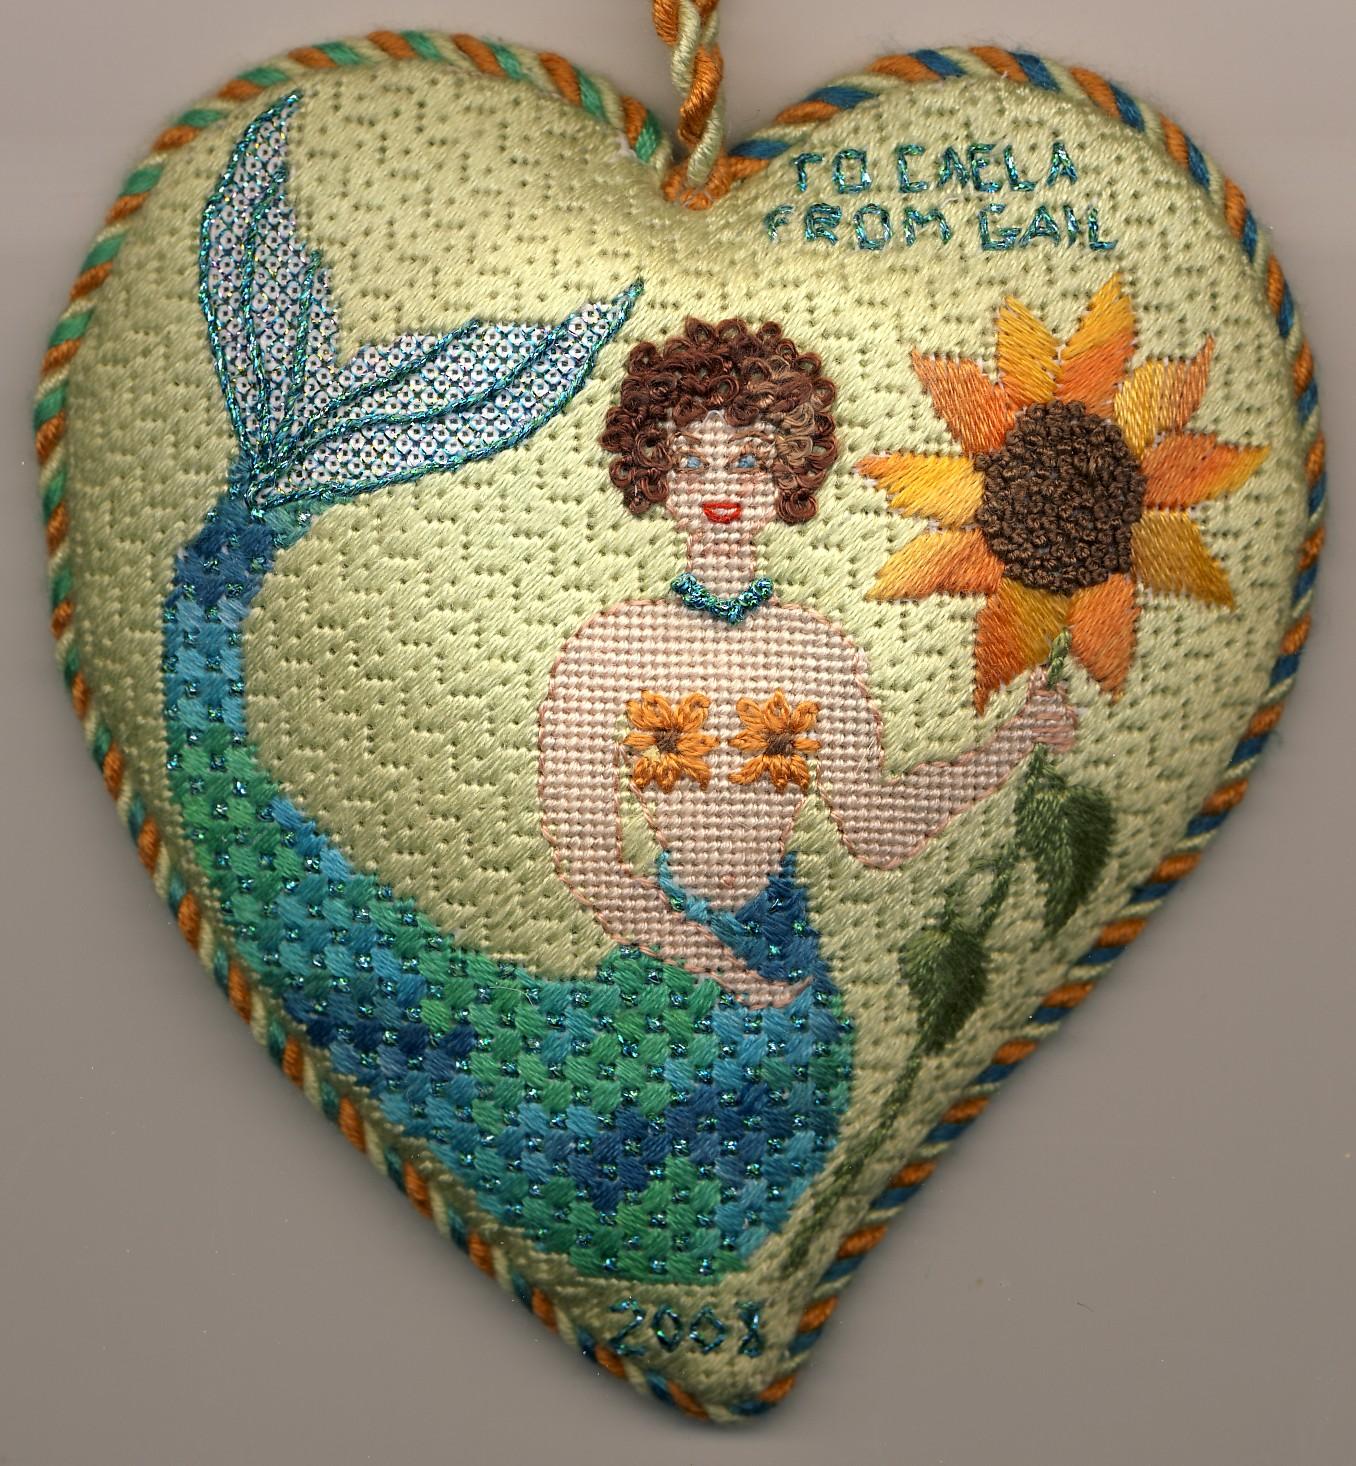 Caela's Mermaid